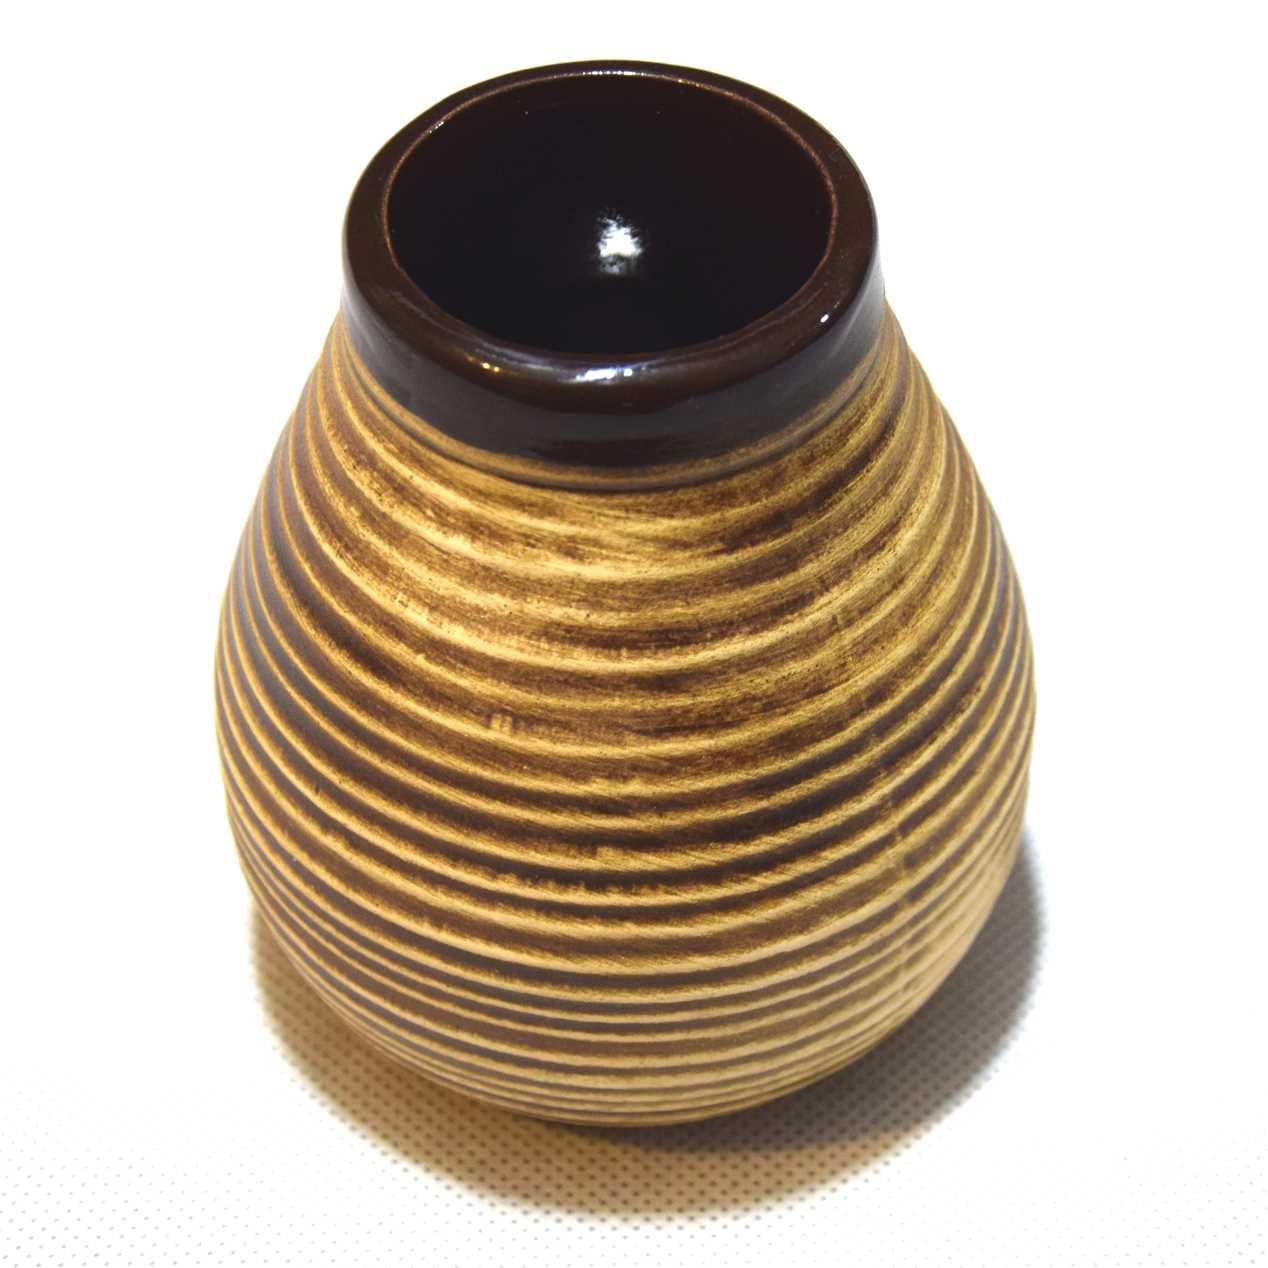 Matero Ceramiczne 350ml